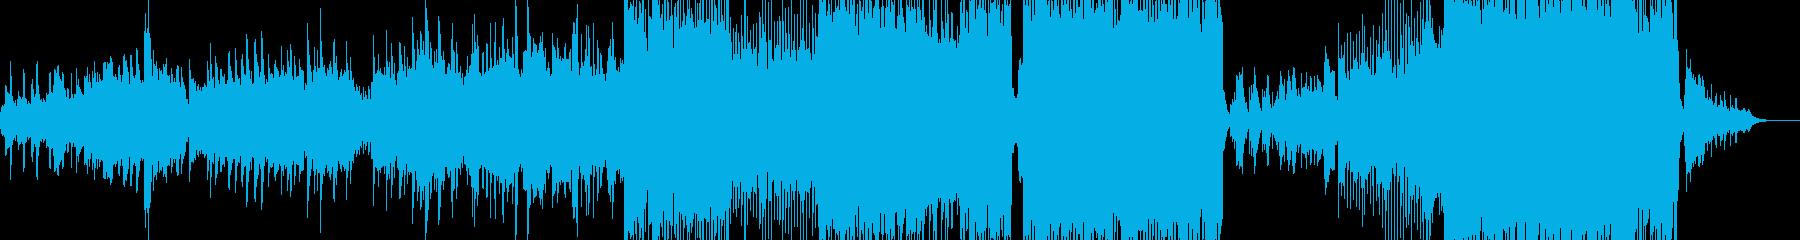 素敵な冬を彩るファンタジーポップ A2の再生済みの波形